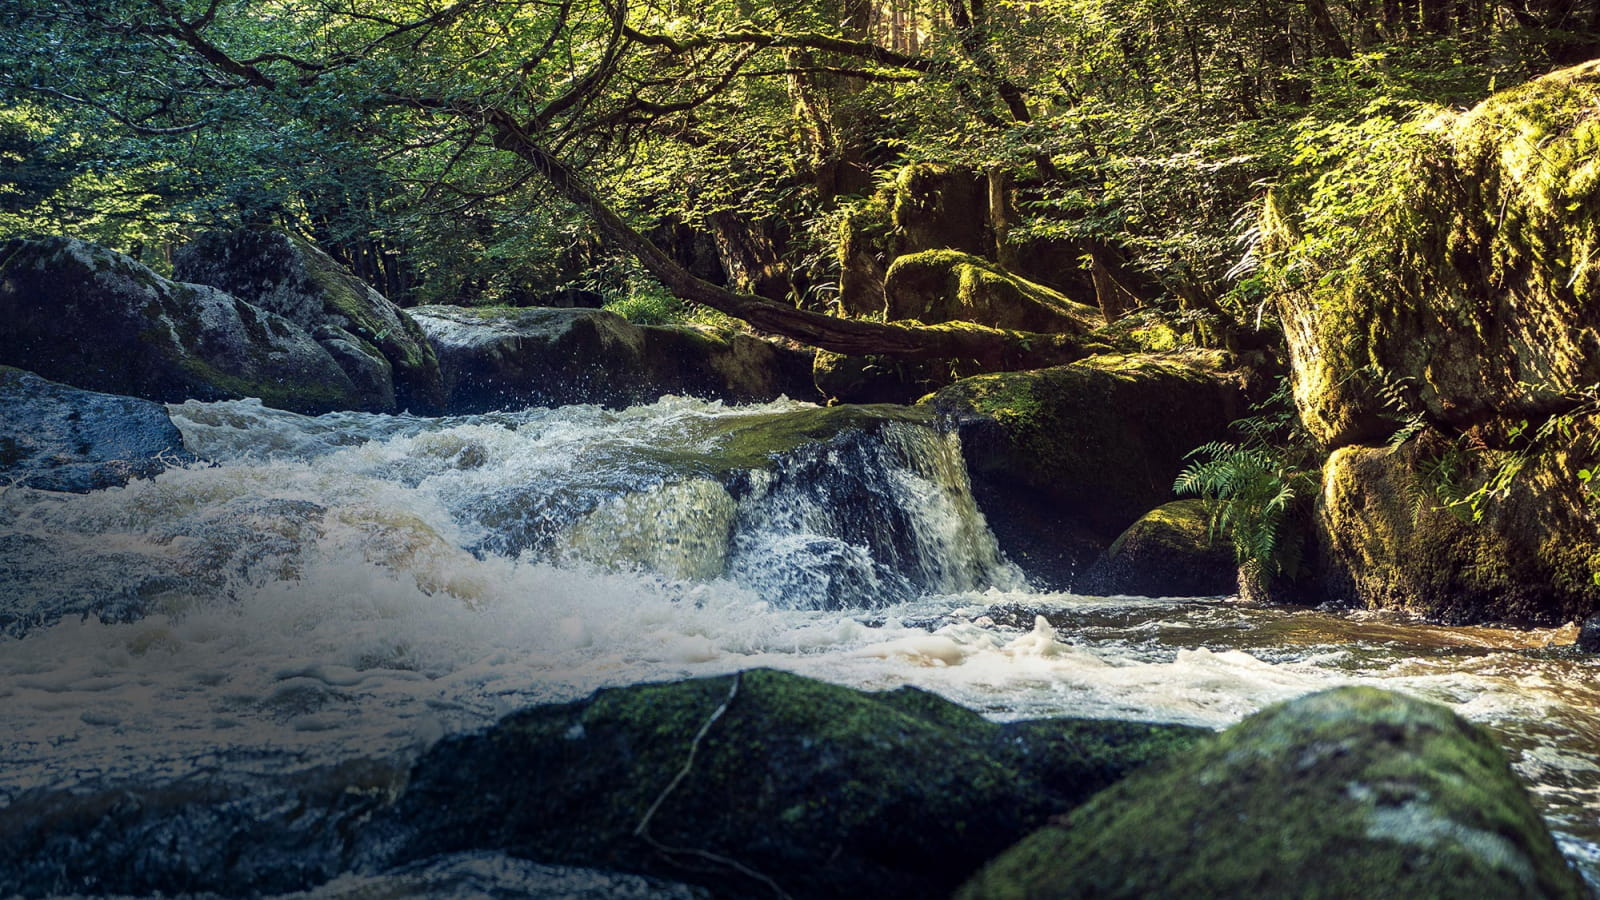 Les eaux vives du Chalaux dans le Morvan